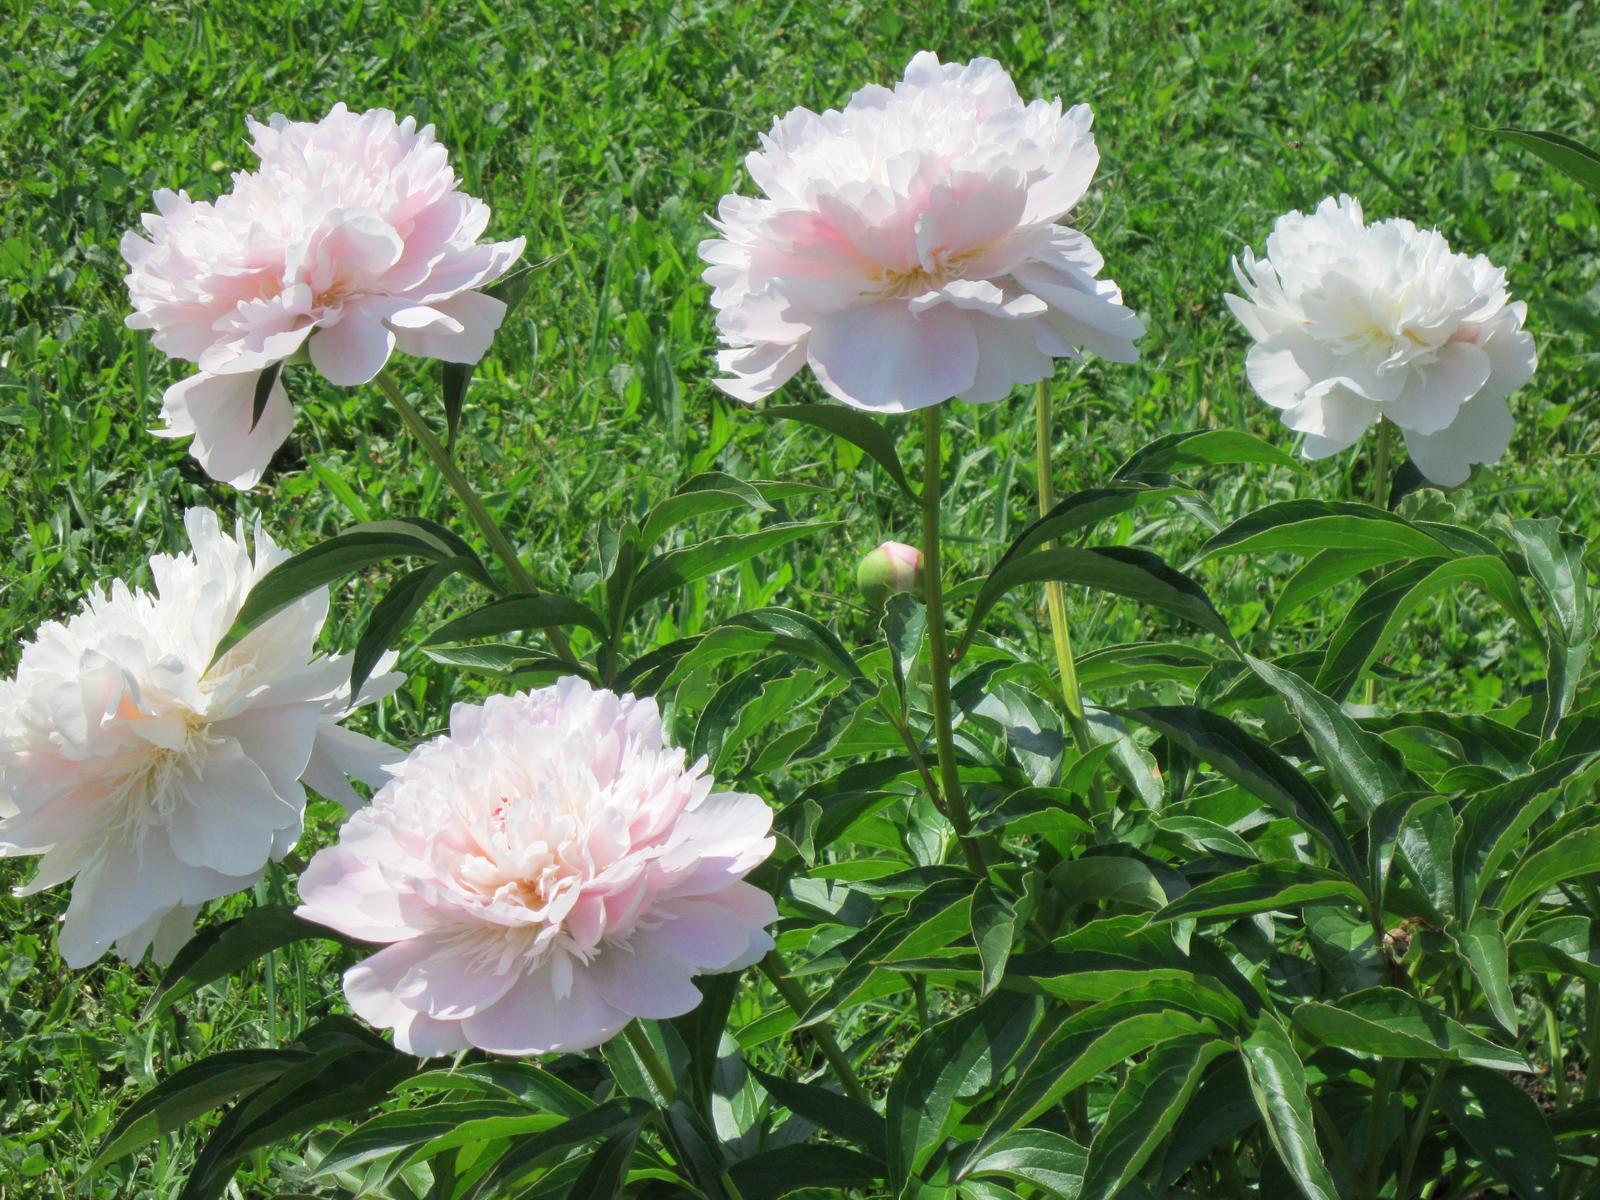 Moja záhrada...ako šiel čas - Už aj mne kvitnú...